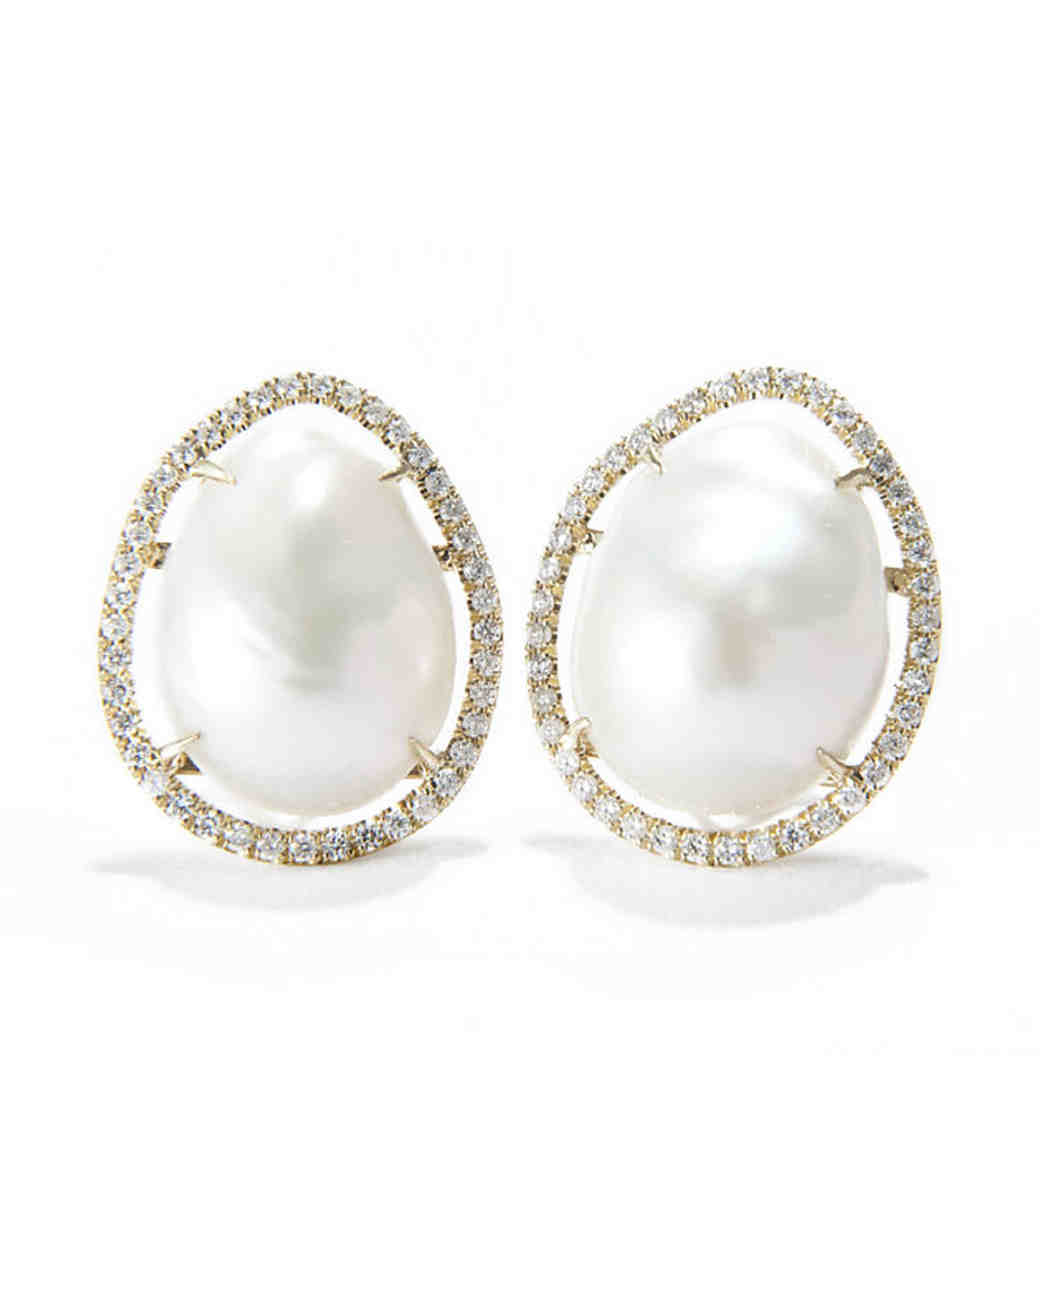 pearls-jordan-alexander-pave-diamond-earrings-0216.jpg